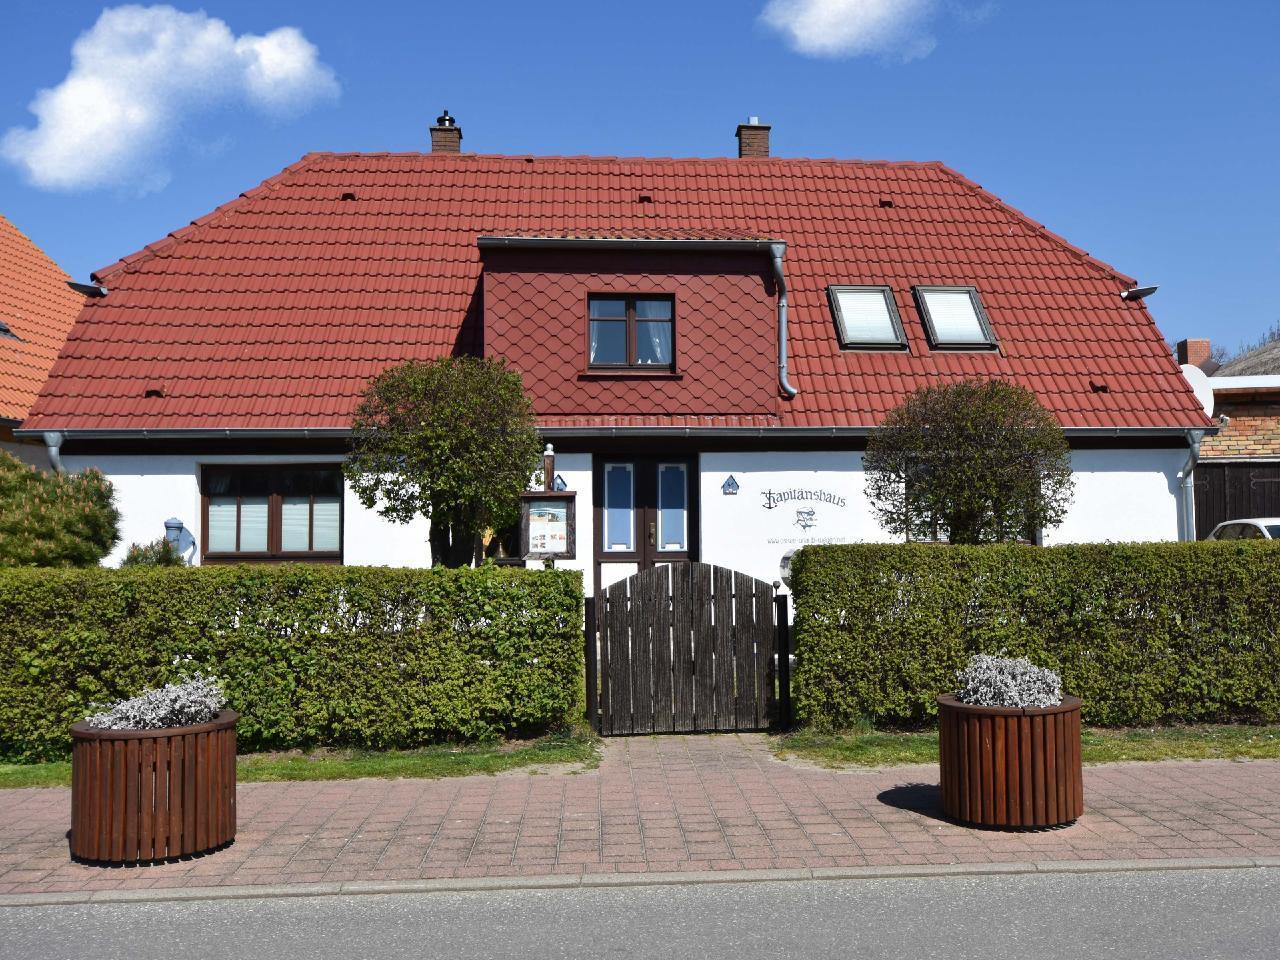 Kapitänshaus Schaprode Ferienhaus auf Rügen